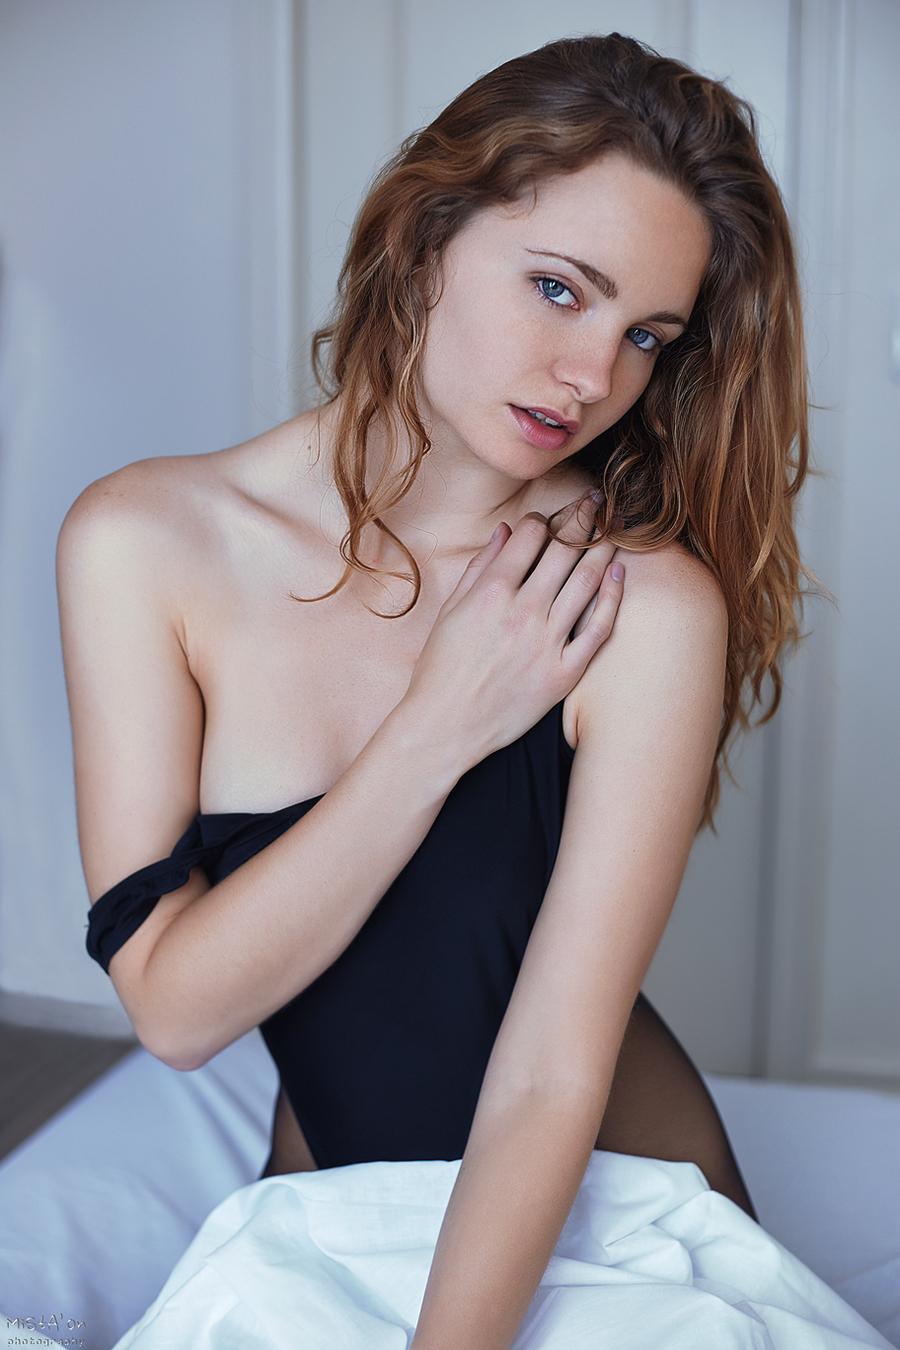 Coy / Model Evelyn Sommer / Uploaded 16th April 2019 @ 12:54 AM